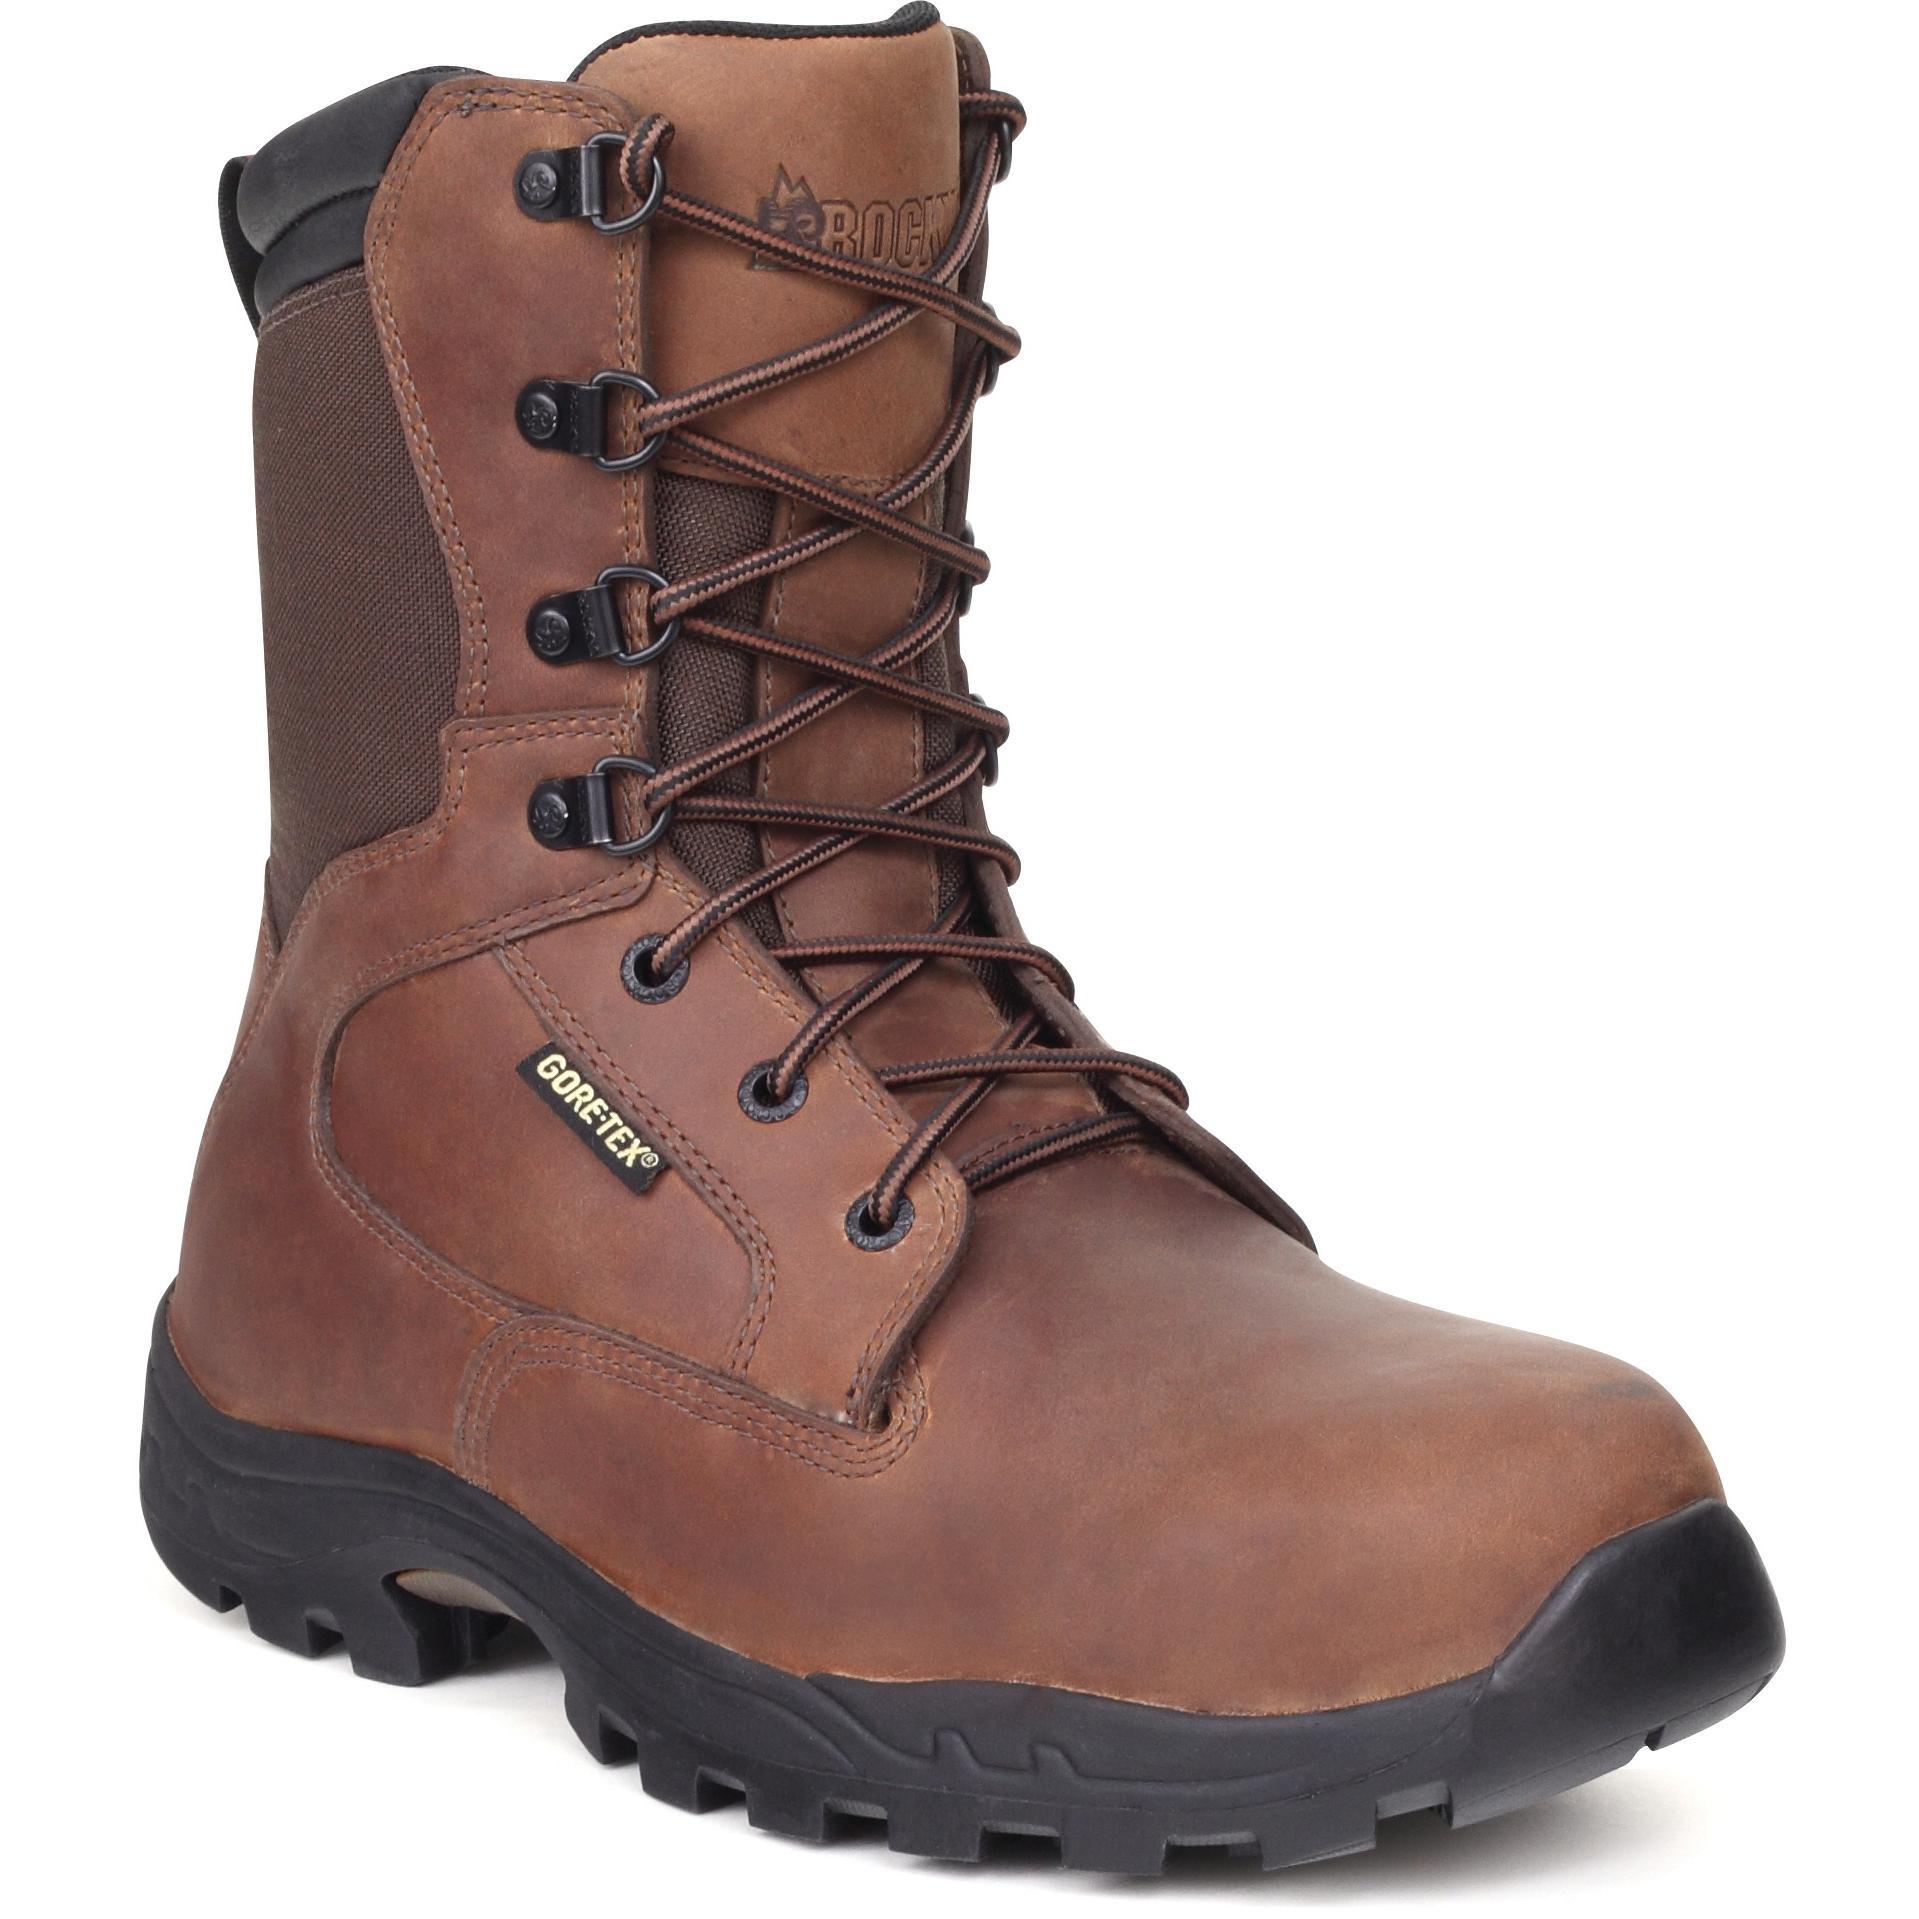 Rocky: ProLight Waterproof Steel Toe Work Boots - Style #6575